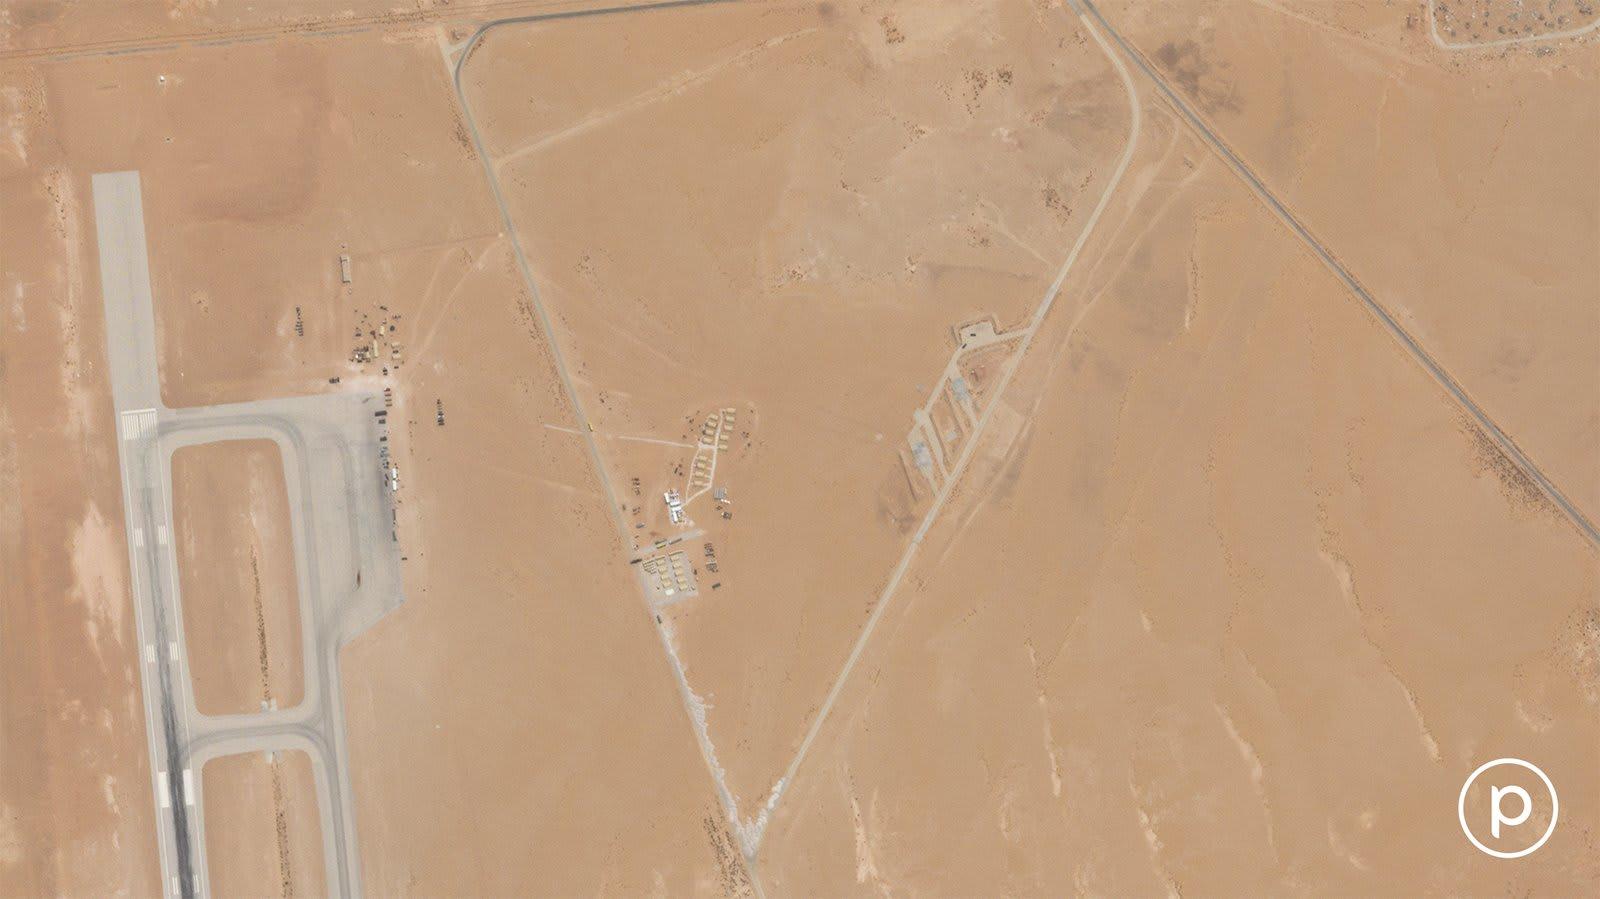 تحضيرات في قاعدة الأمير سلطان الجوية في السعودية.. ماذا نعلم عنها؟